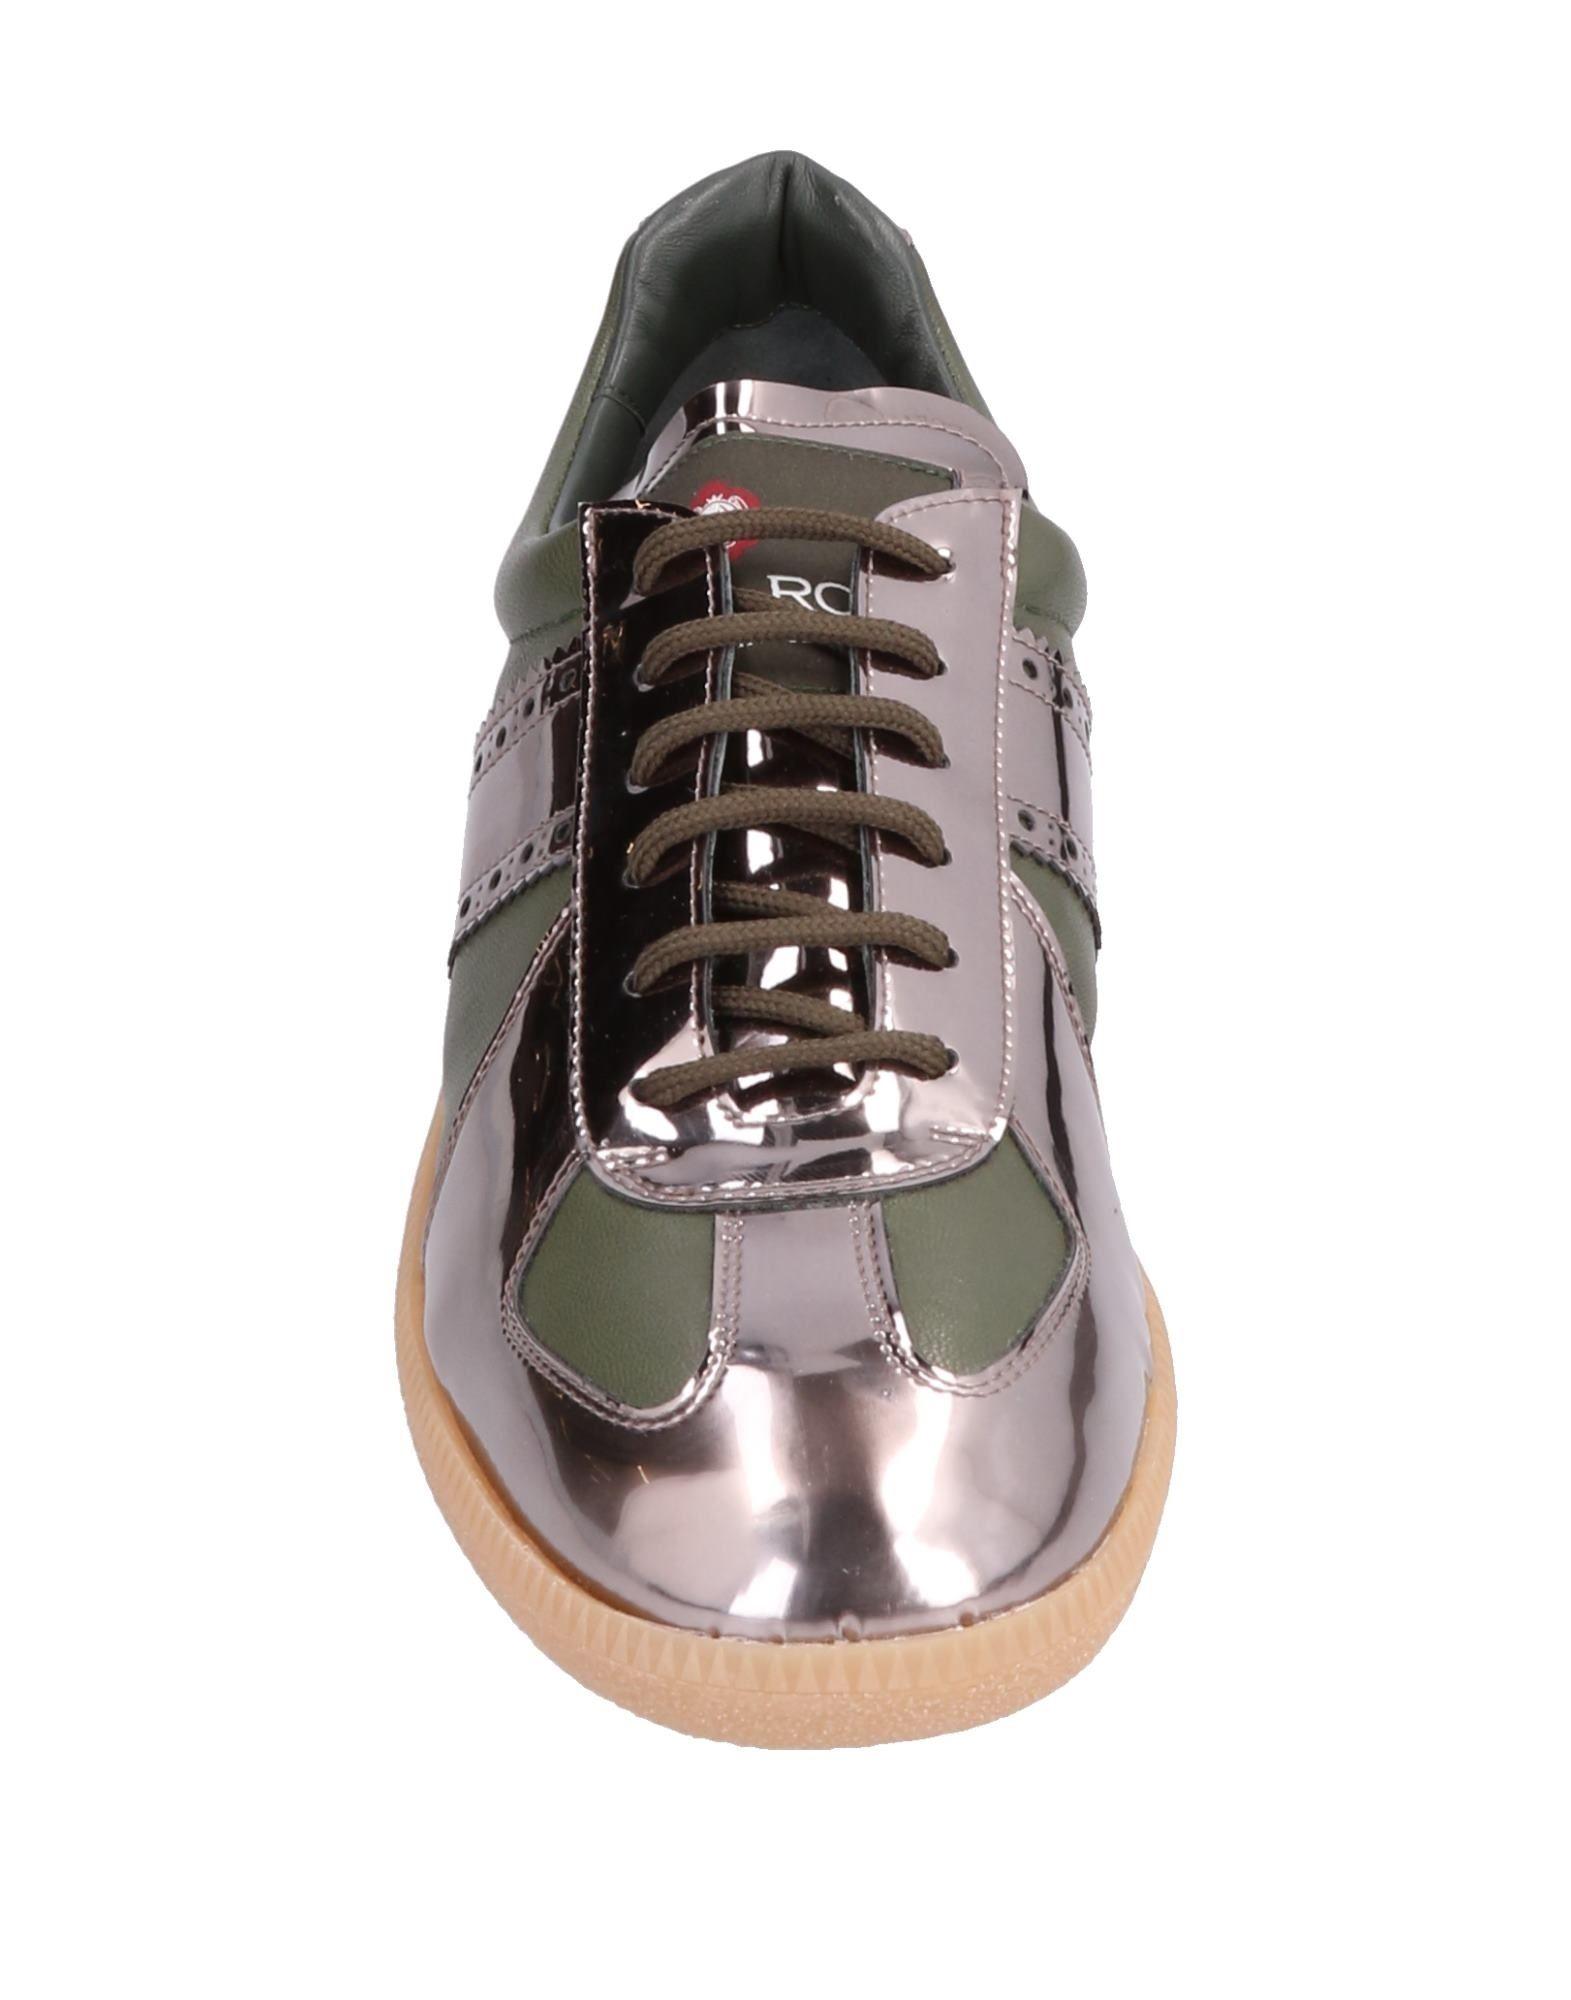 Royal Row Sneakers Gutes Damen Gutes Sneakers Preis-Leistungs-Verhältnis, es lohnt sich 2a0f2f